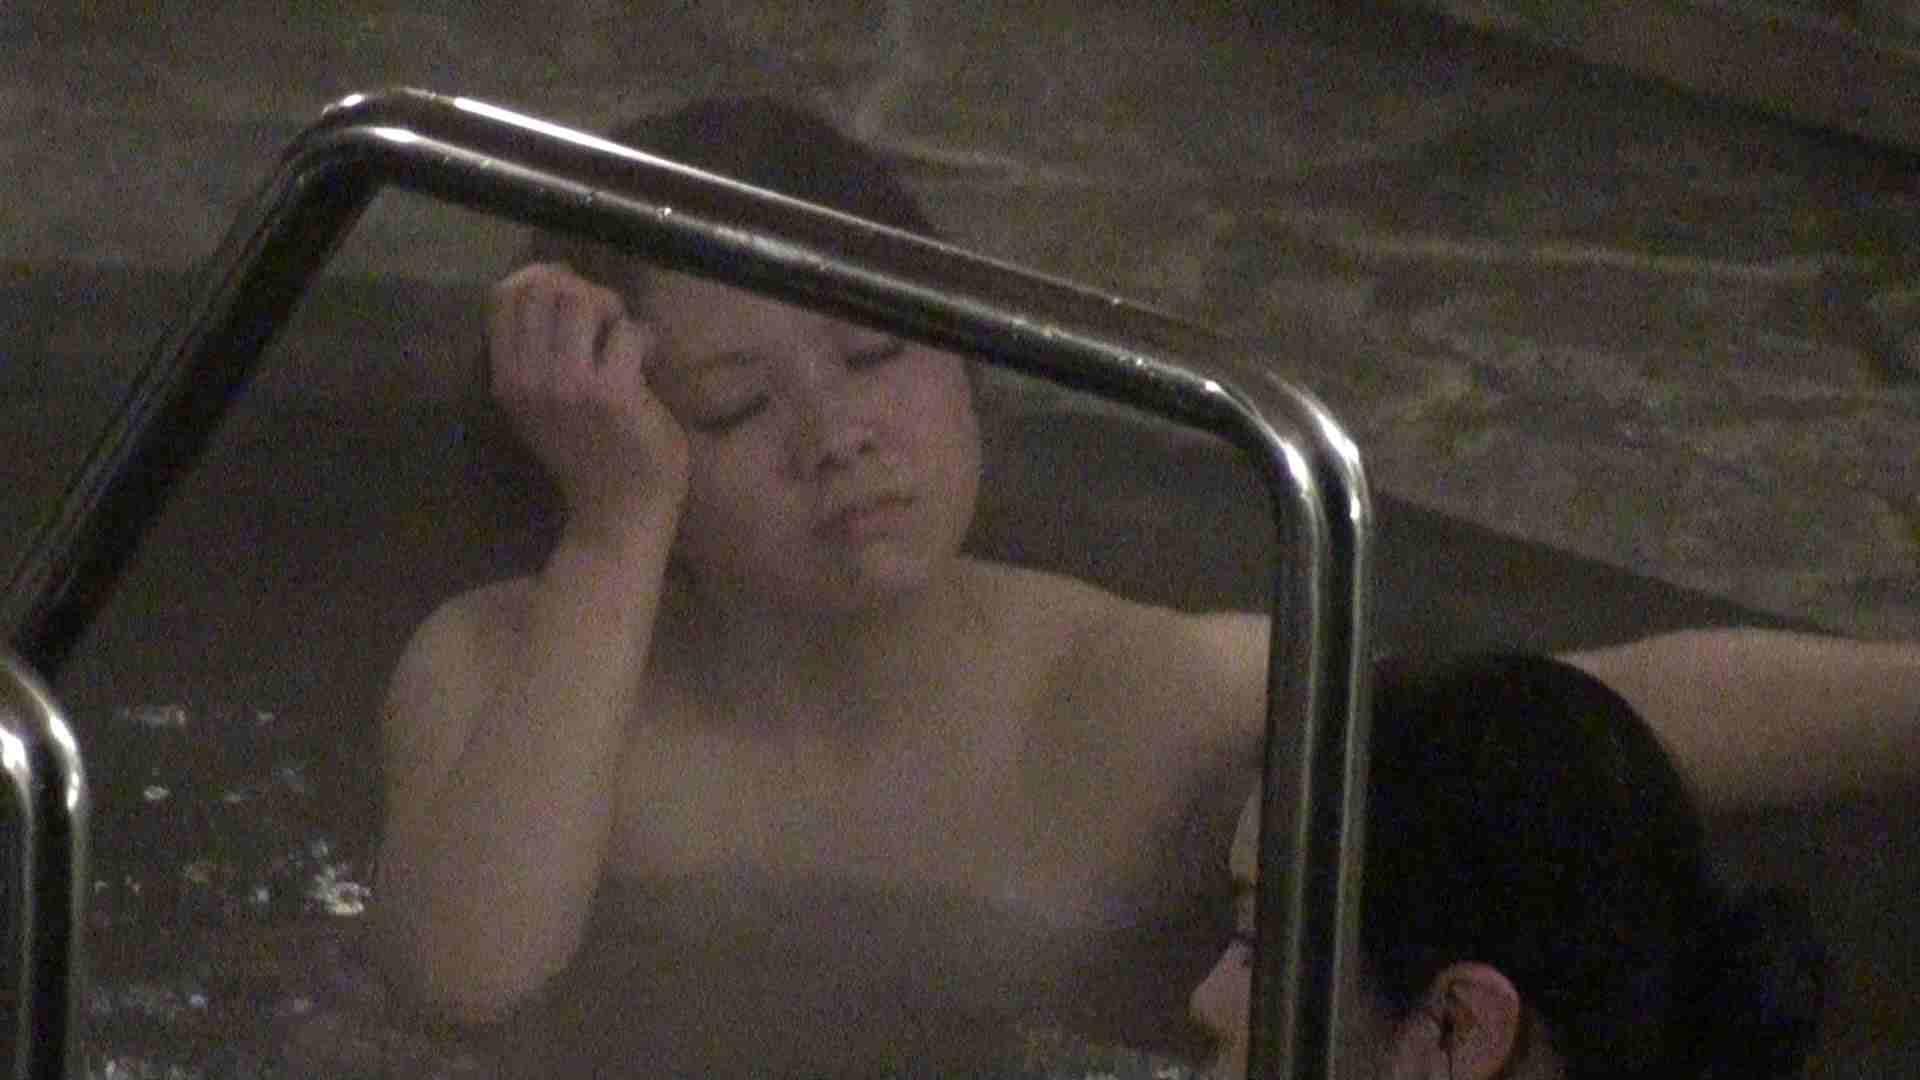 Aquaな露天風呂Vol.374 エロいOL スケベ動画紹介 83枚